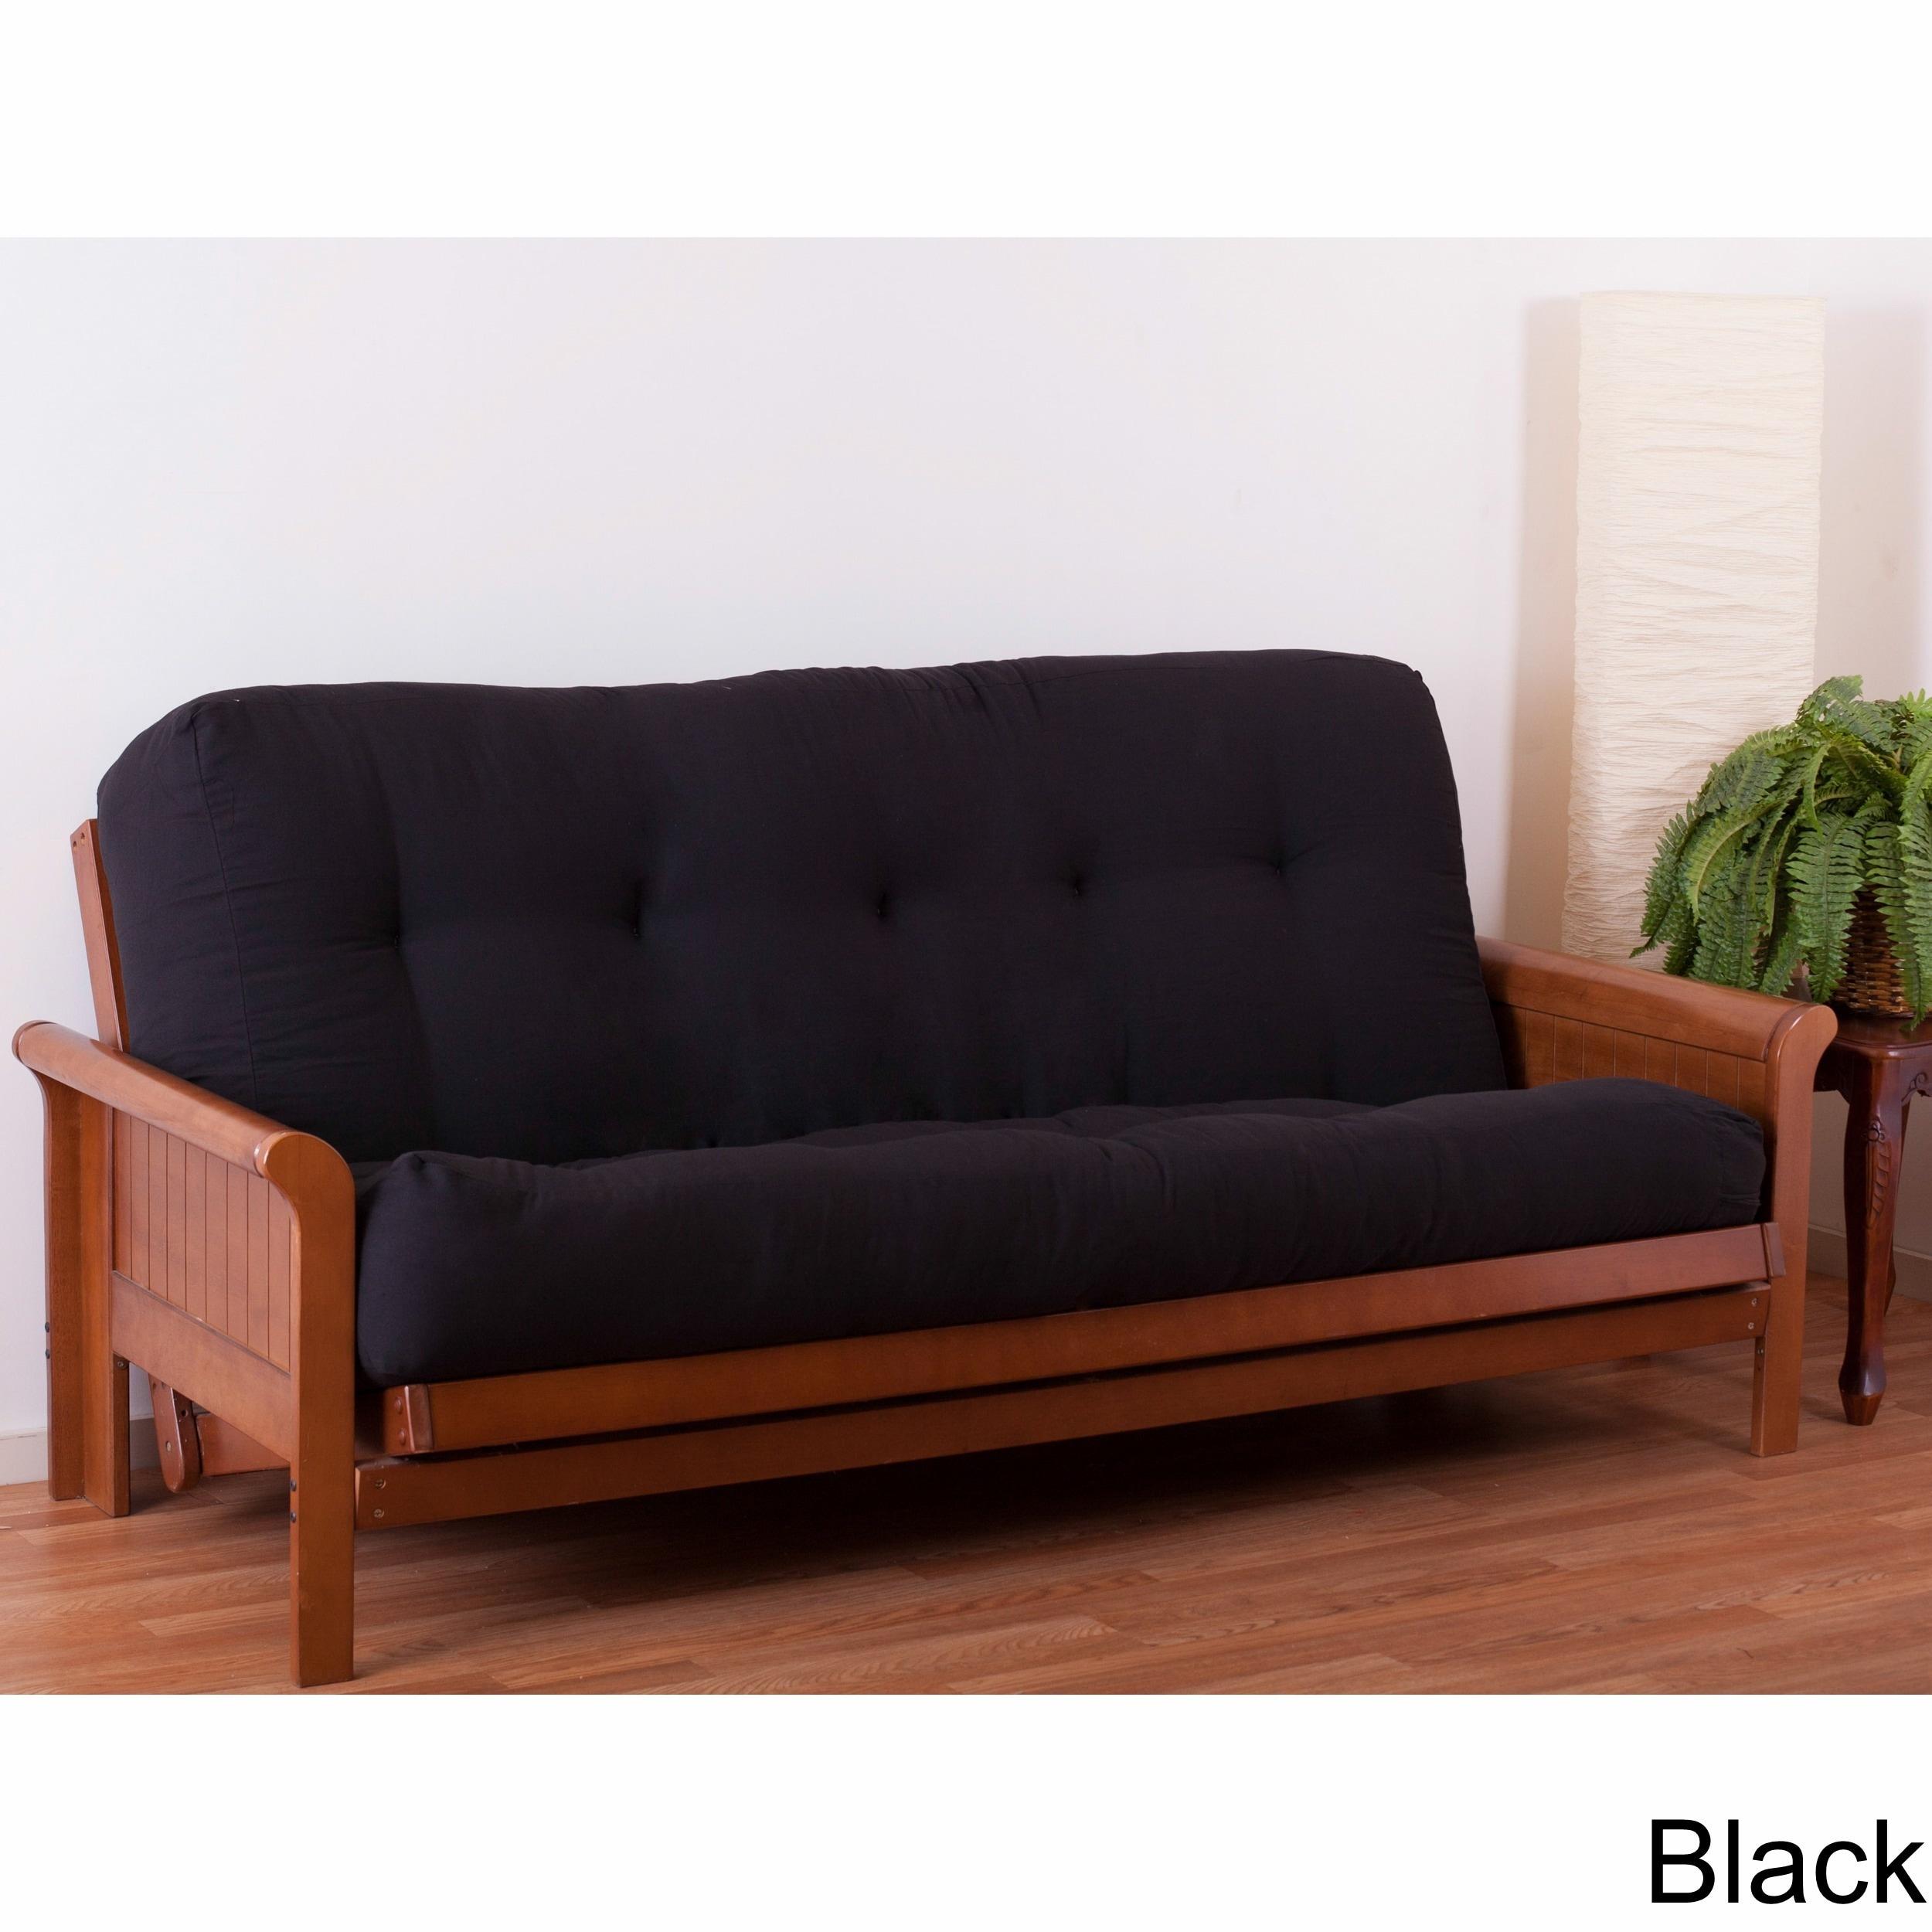 10 inch futon mattress